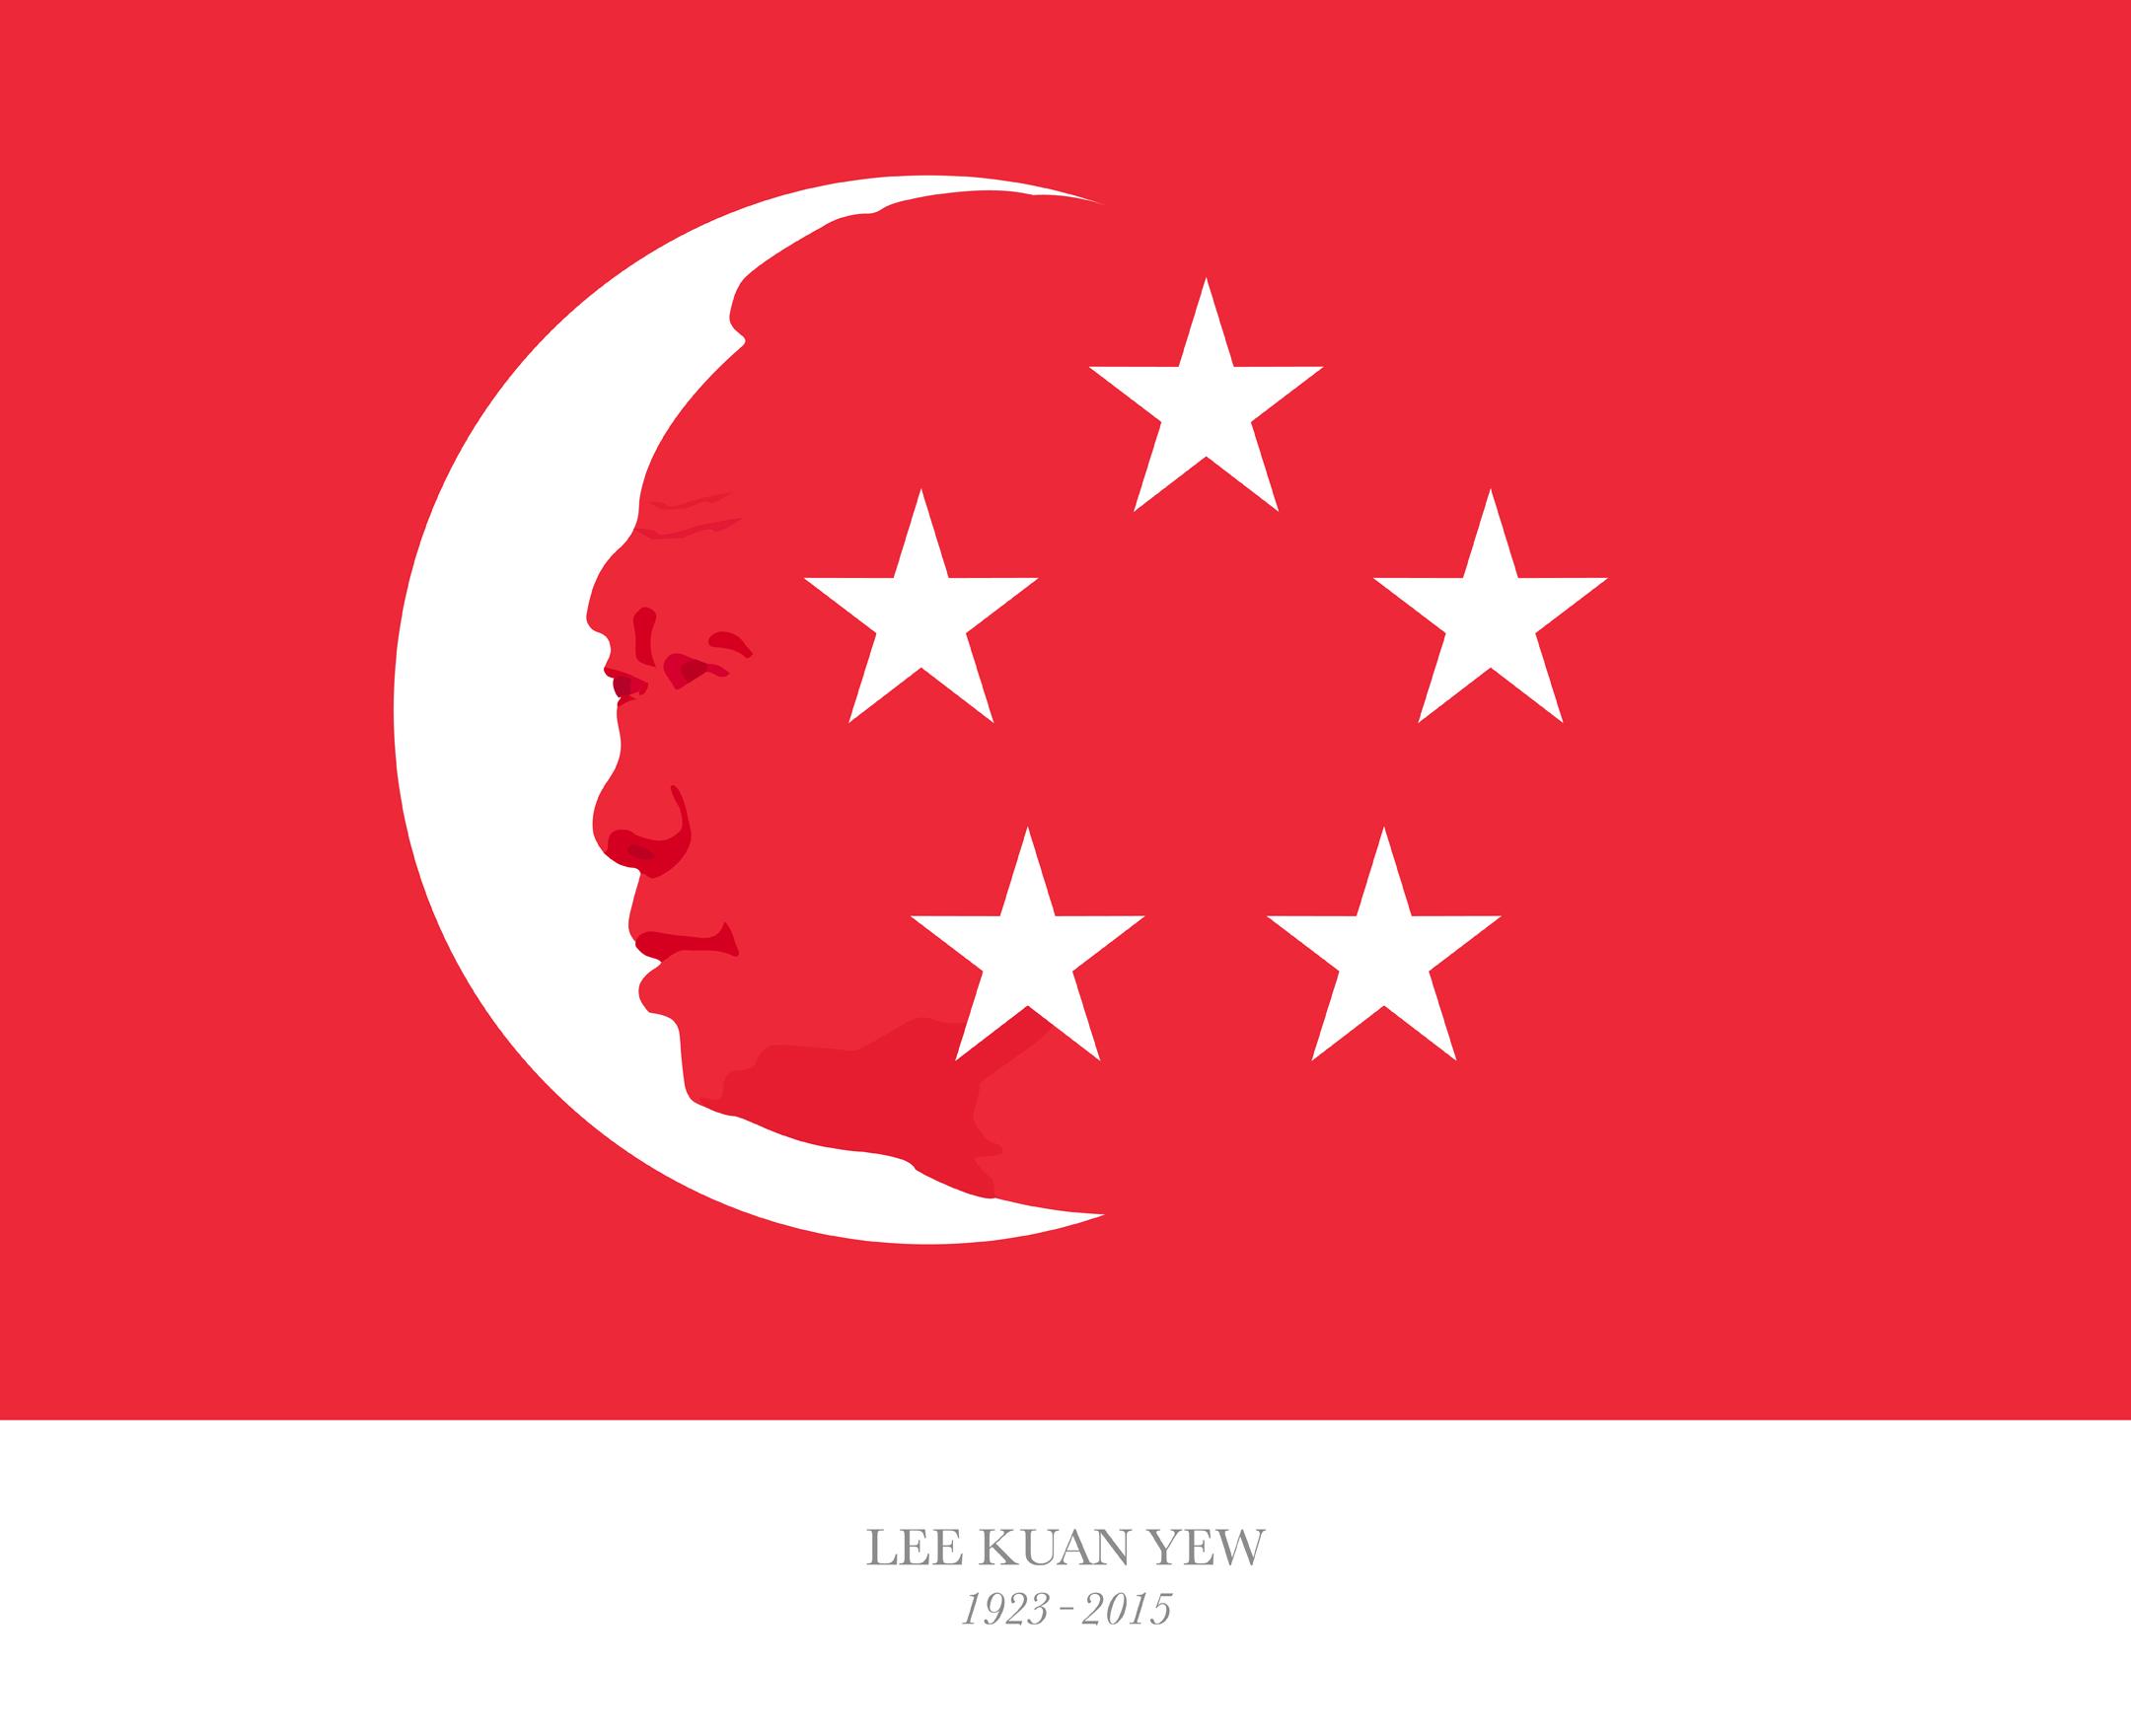 LKY_AO